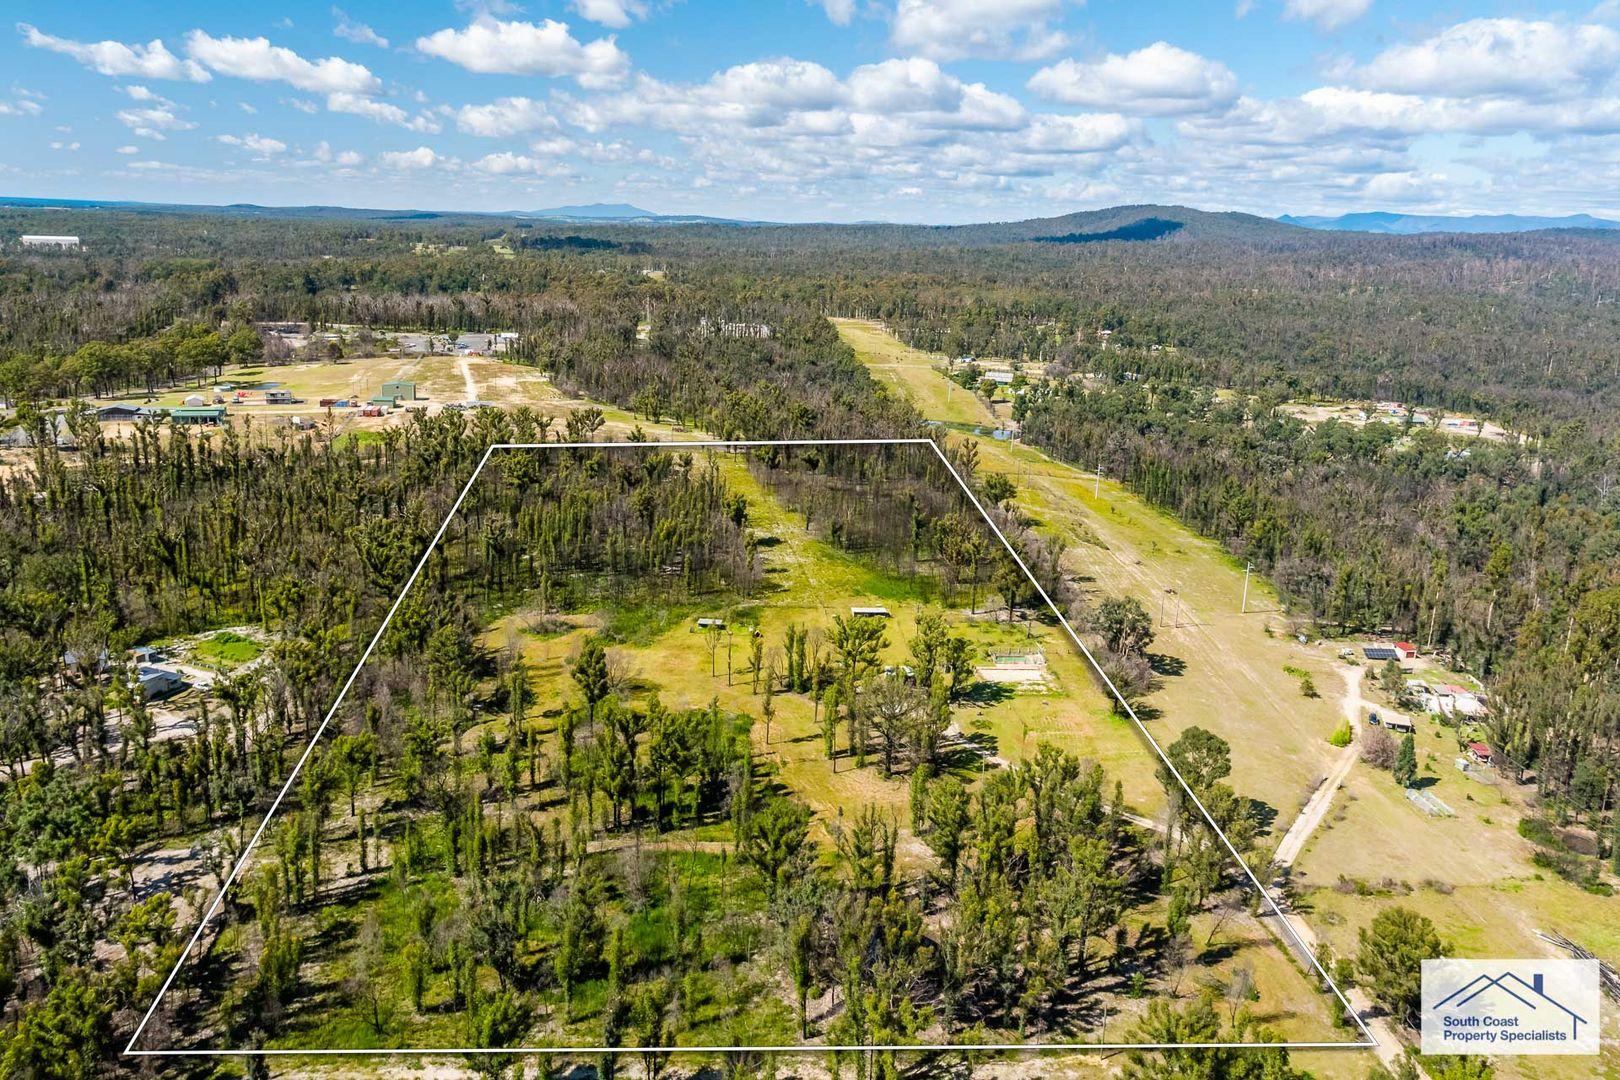 45 MAULBROOKS ROAD, Jeremadra NSW 2536, Image 1